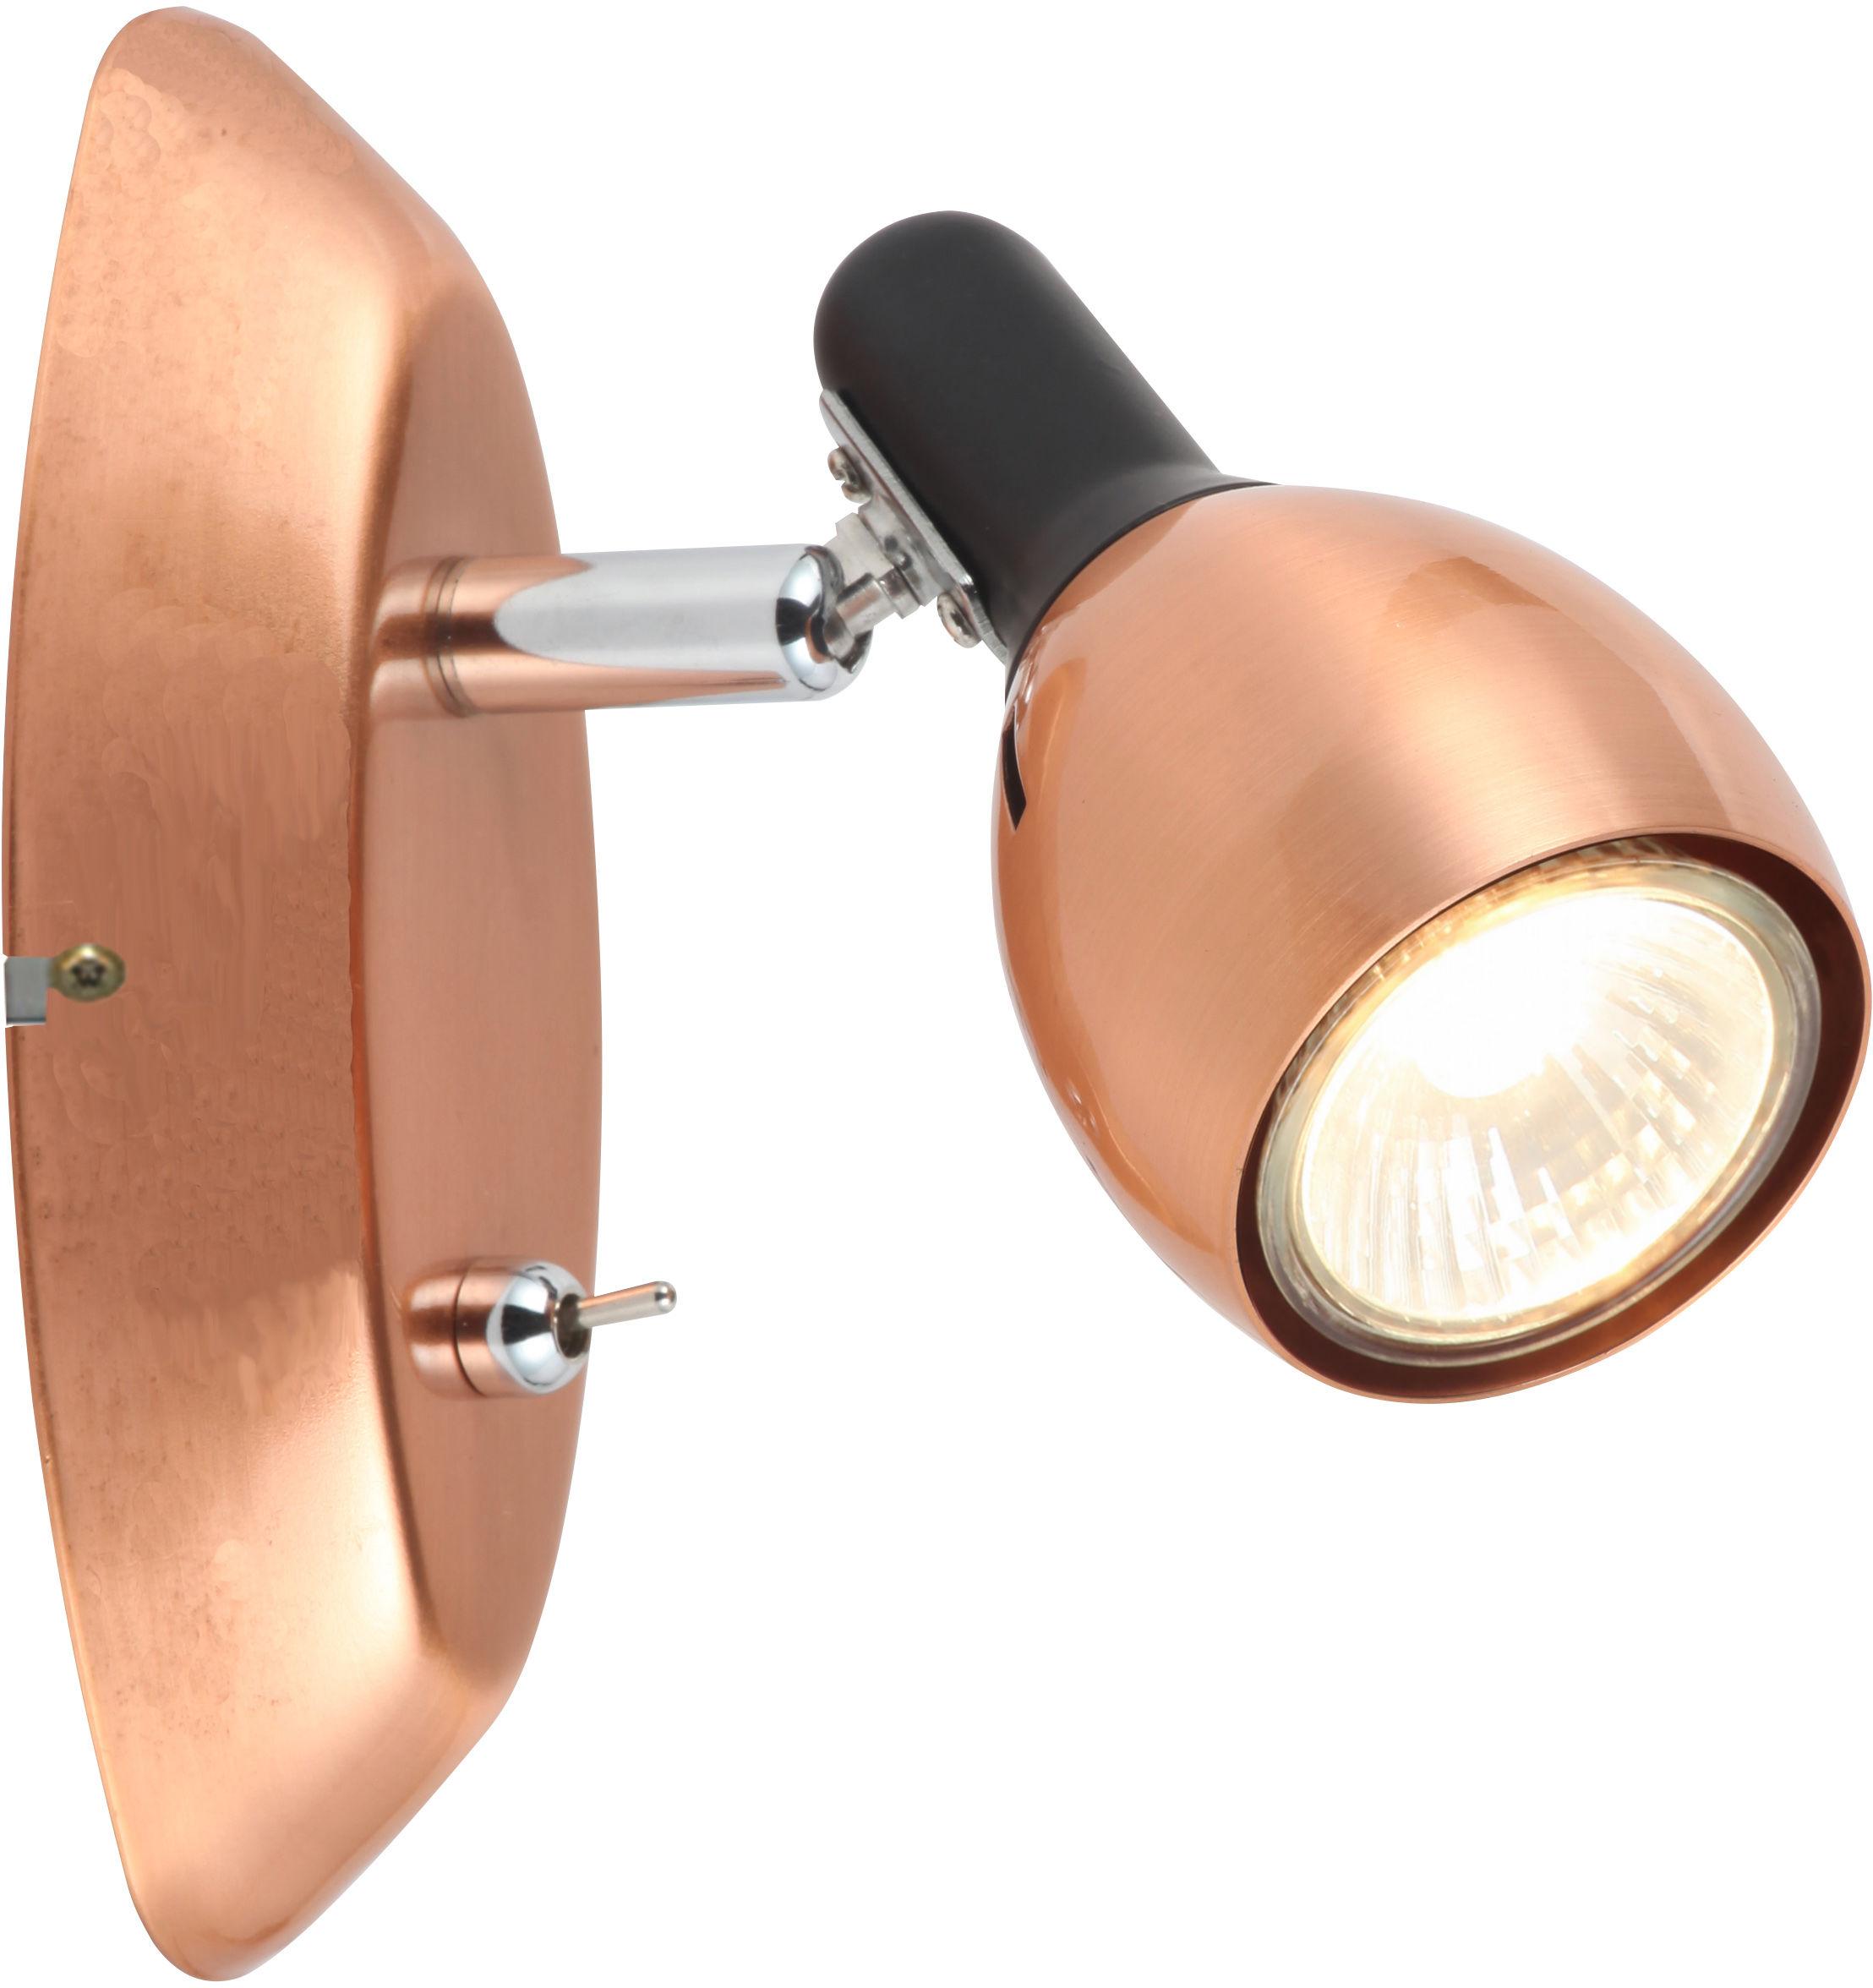 Candellux CROSS 91-32768 kinkiet lampa ścienna miedziany regulacja klosza 1X50W GU10 6,3cm